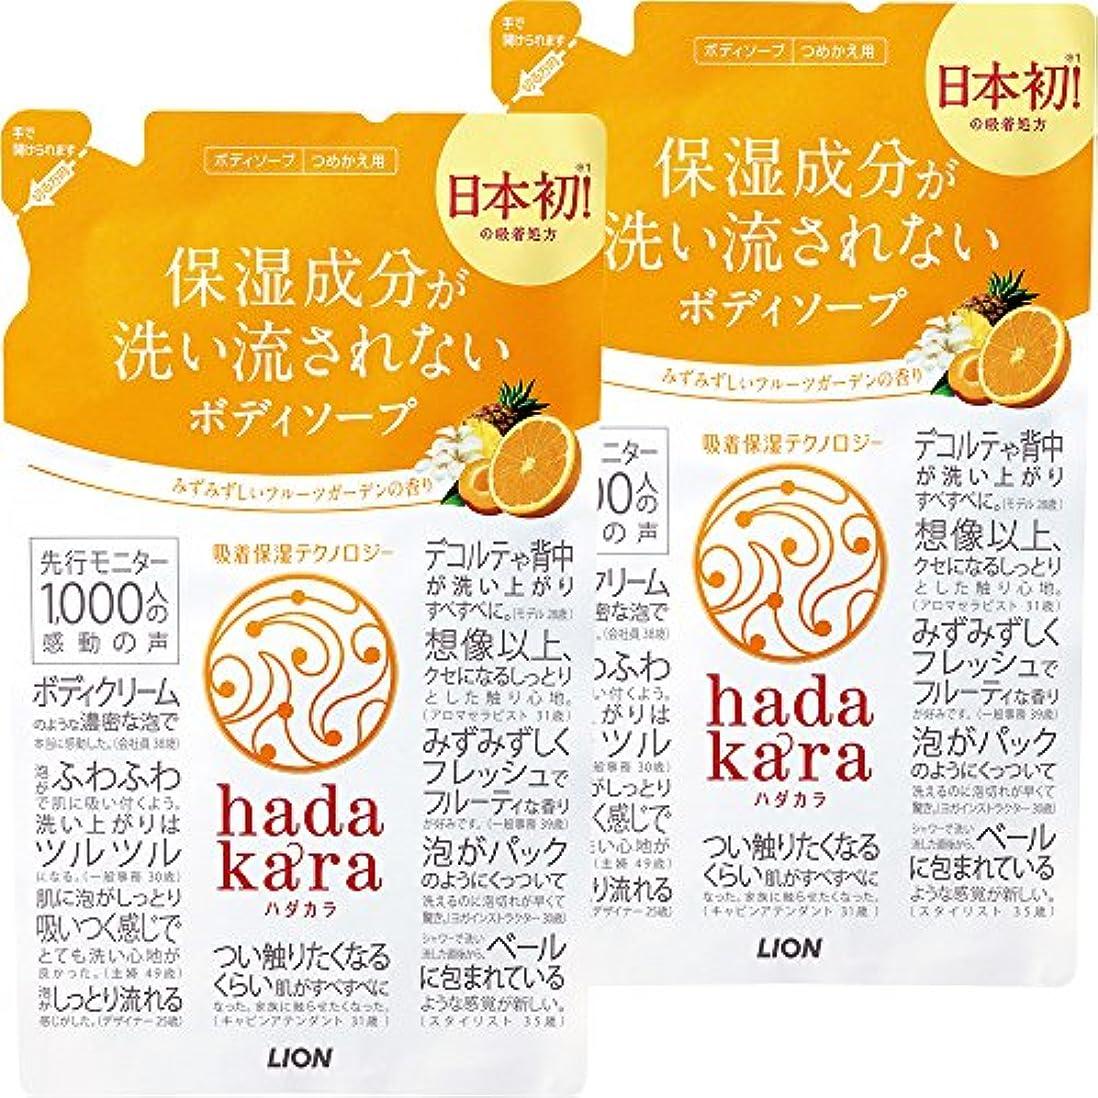 高架おとうさんゴールド【まとめ買い】hadakara(ハダカラ) ボディソープ フルーツガーデンの香り 詰め替え 360ml×2個パック